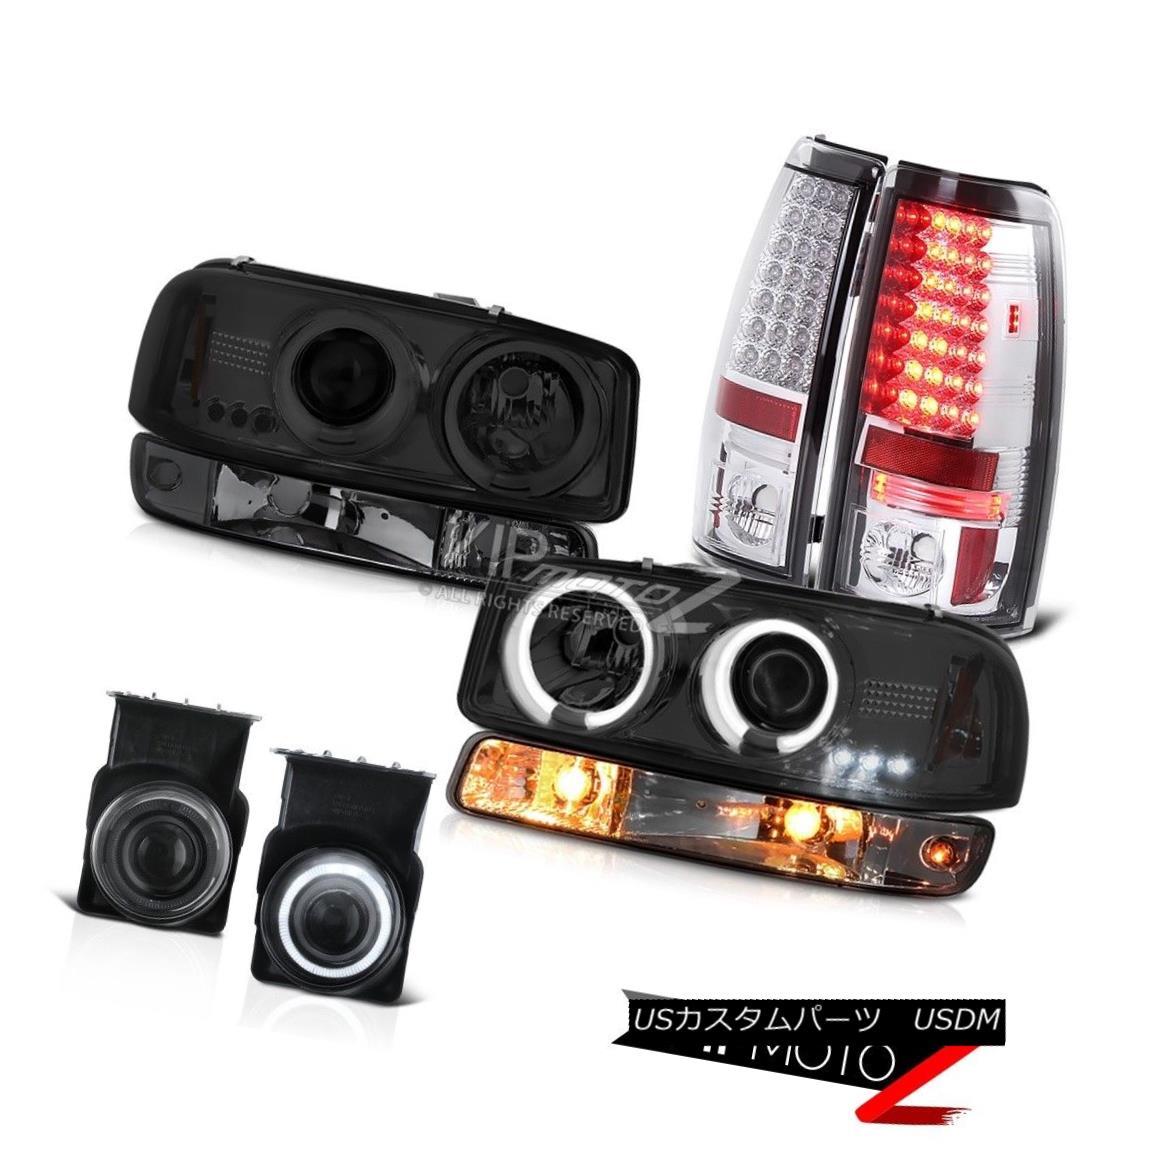 ヘッドライト 03 04 05 06 Sierra C3 Smoked foglights tail lights bumper lamp ccfl headlights 03 04 05 06シエラC3スモークフォグライトテールライトバンパーランプccflヘッドライト